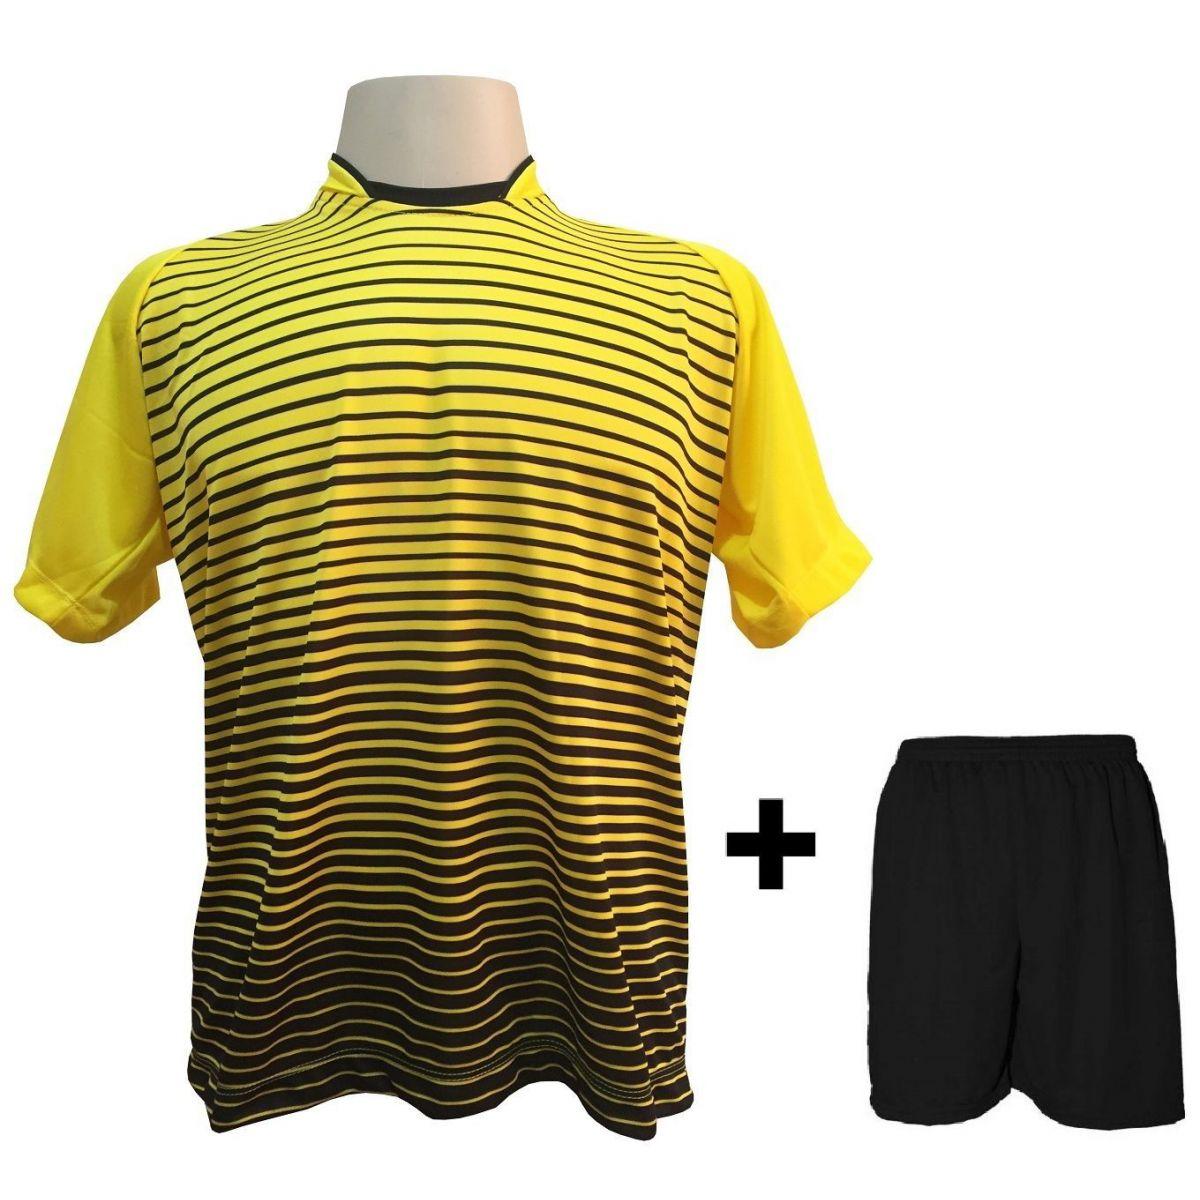 Uniforme Esportivo com 12 camisas modelo City Amarelo/Preto + 12 calções modelo Madrid + 1 Goleiro + Brindes